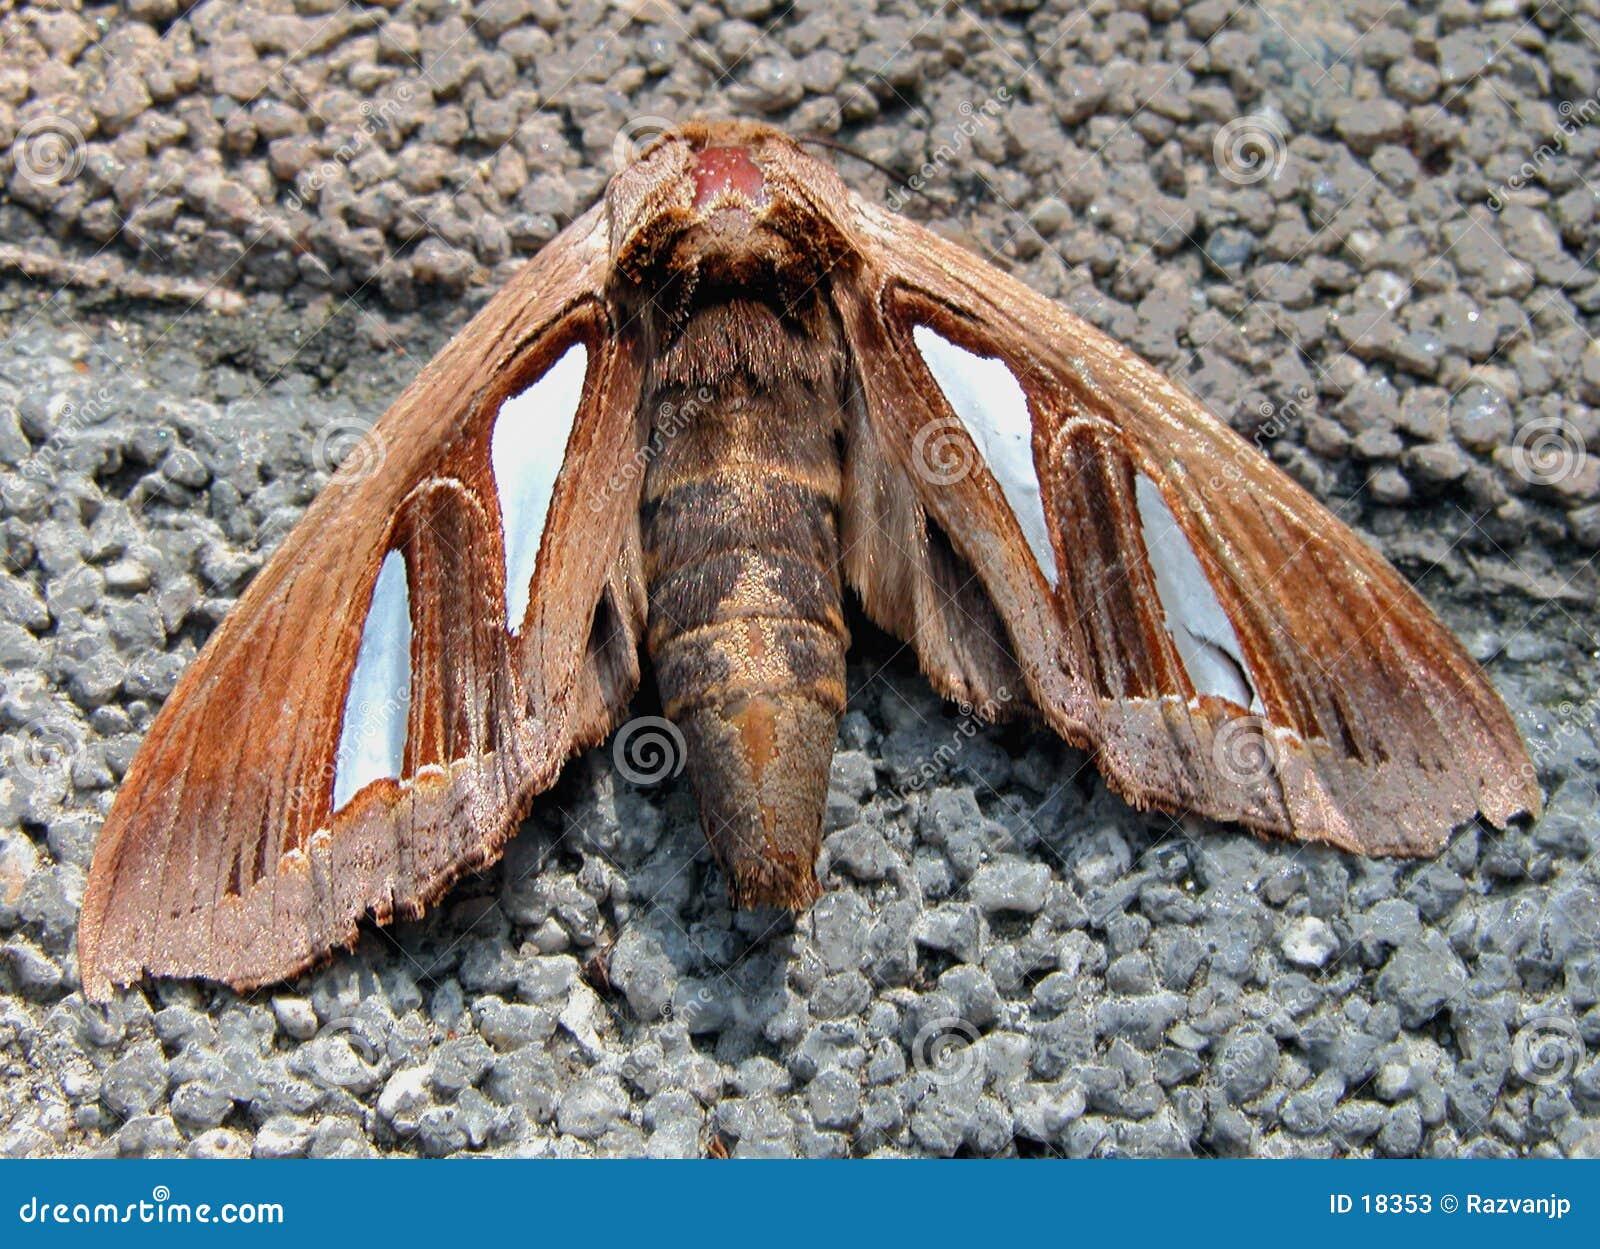 Mariposa de la noche